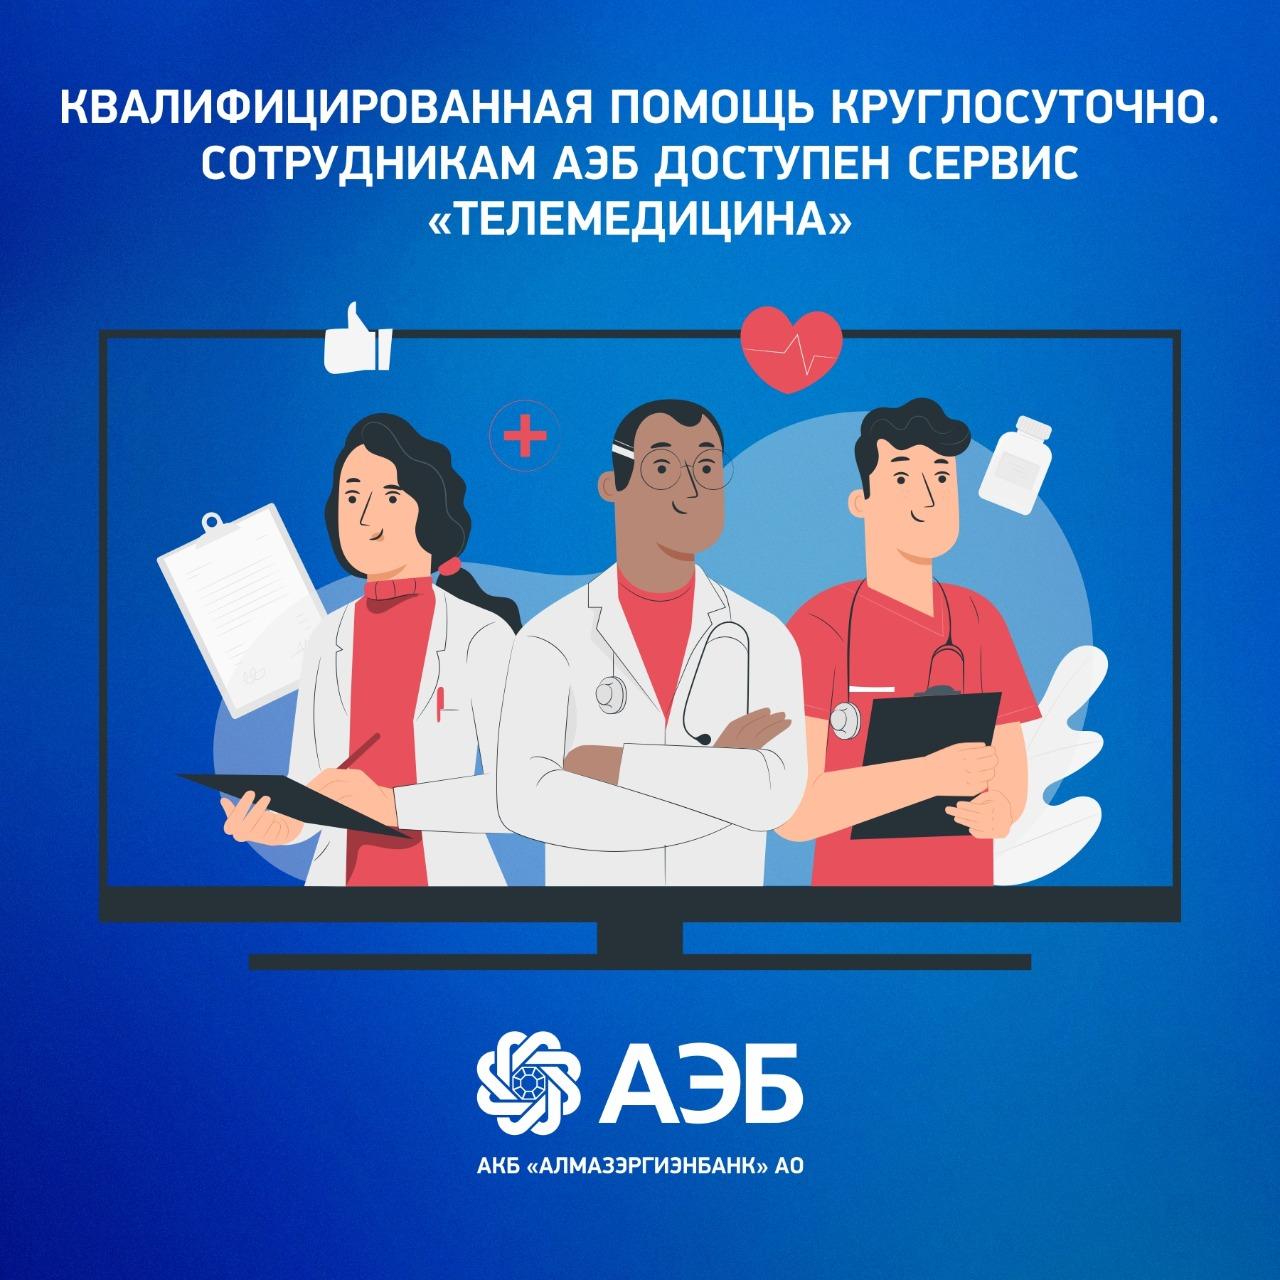 Квалифицированная помощь круглосуточно. Сотрудникам АЭБ доступен сервис «Телемедицина»